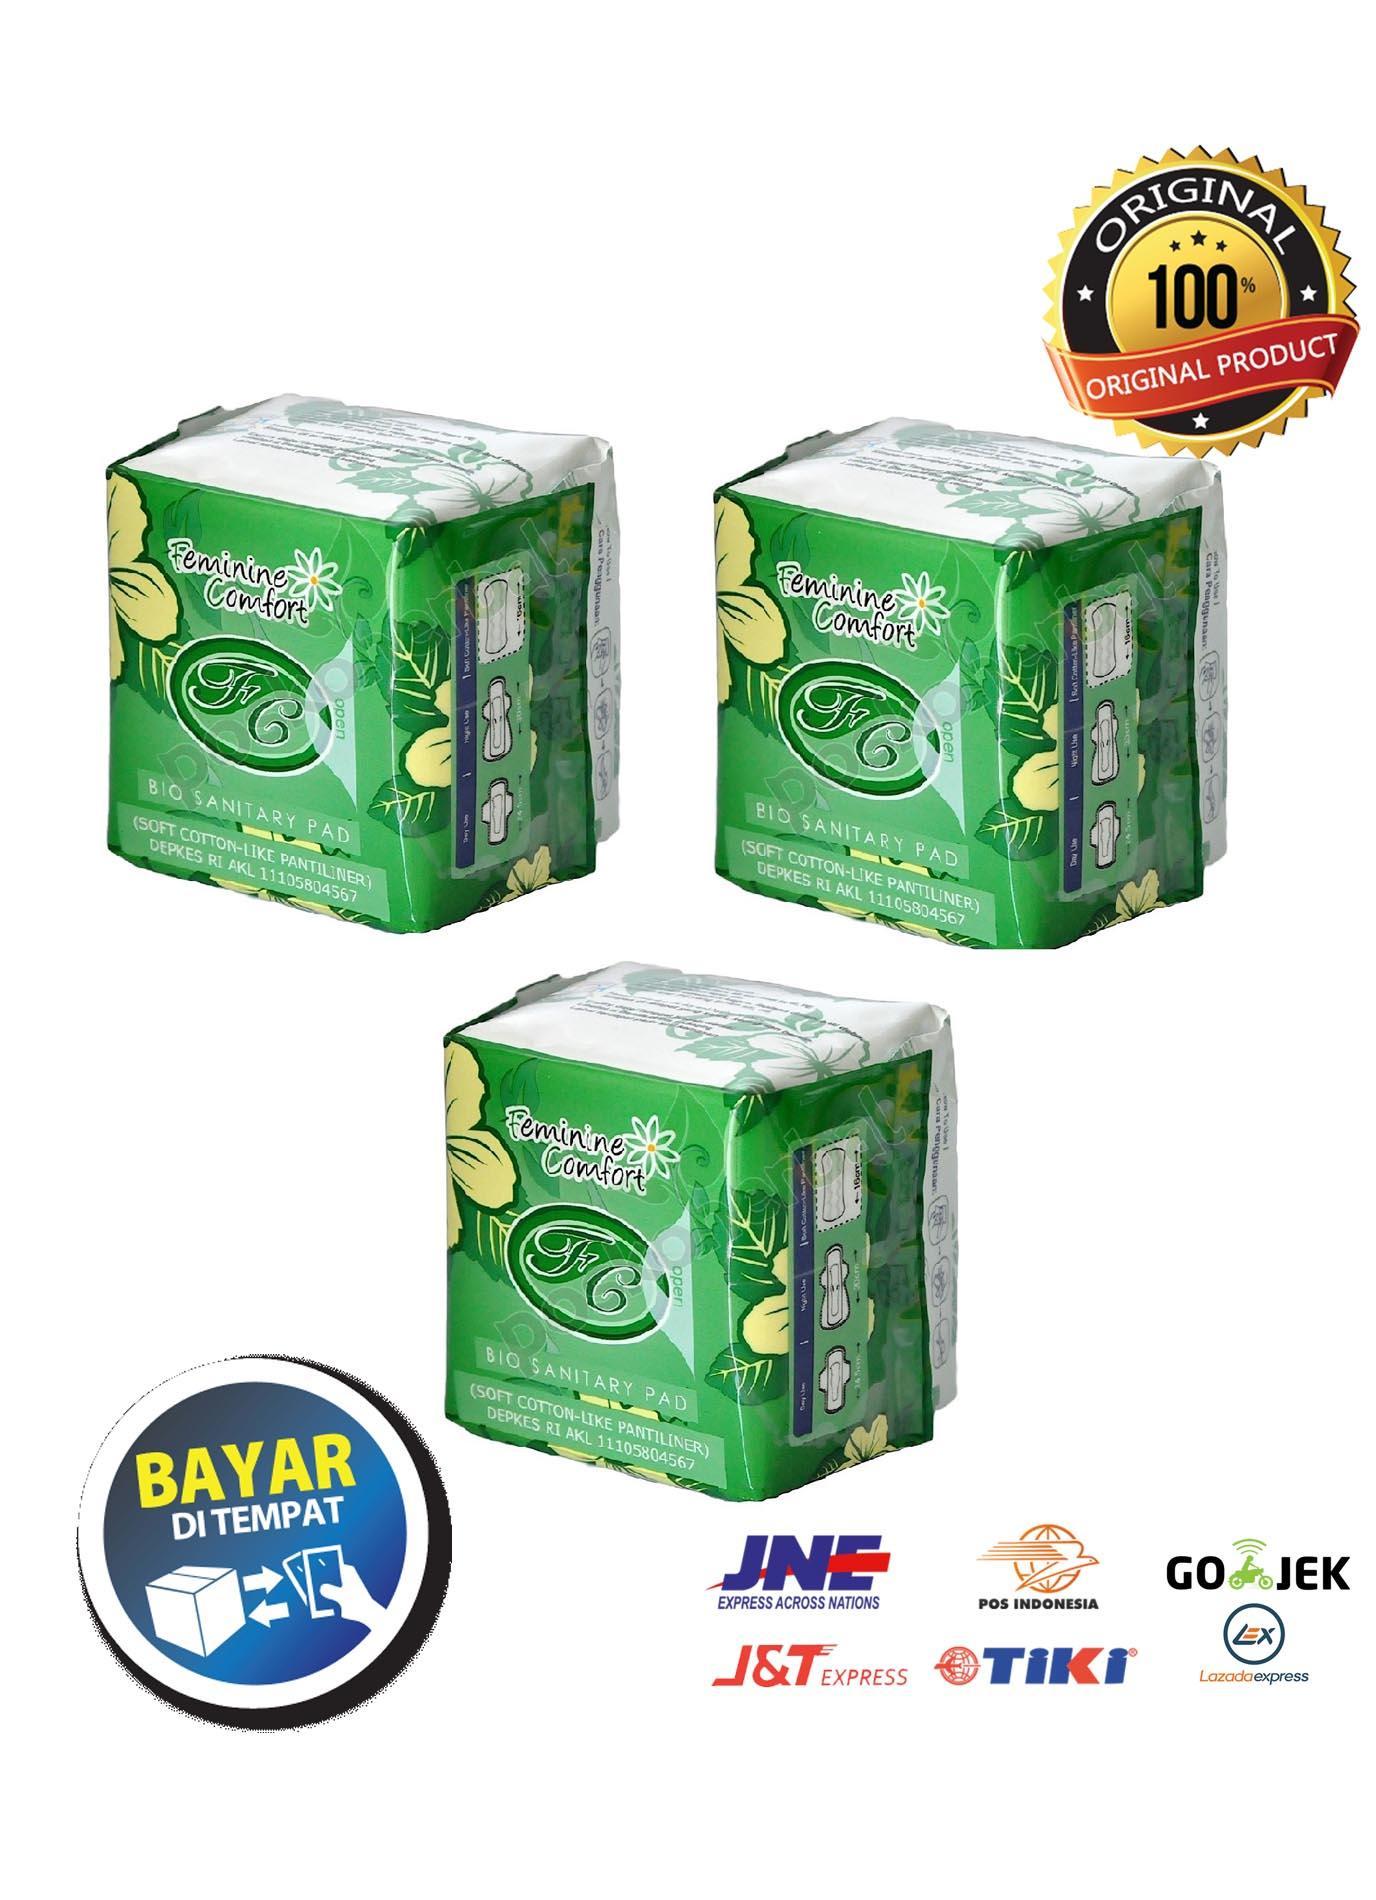 [ Paket 3 Pcs ] Avail Pembalut Herbal Pantyliner By Tyoolshop.